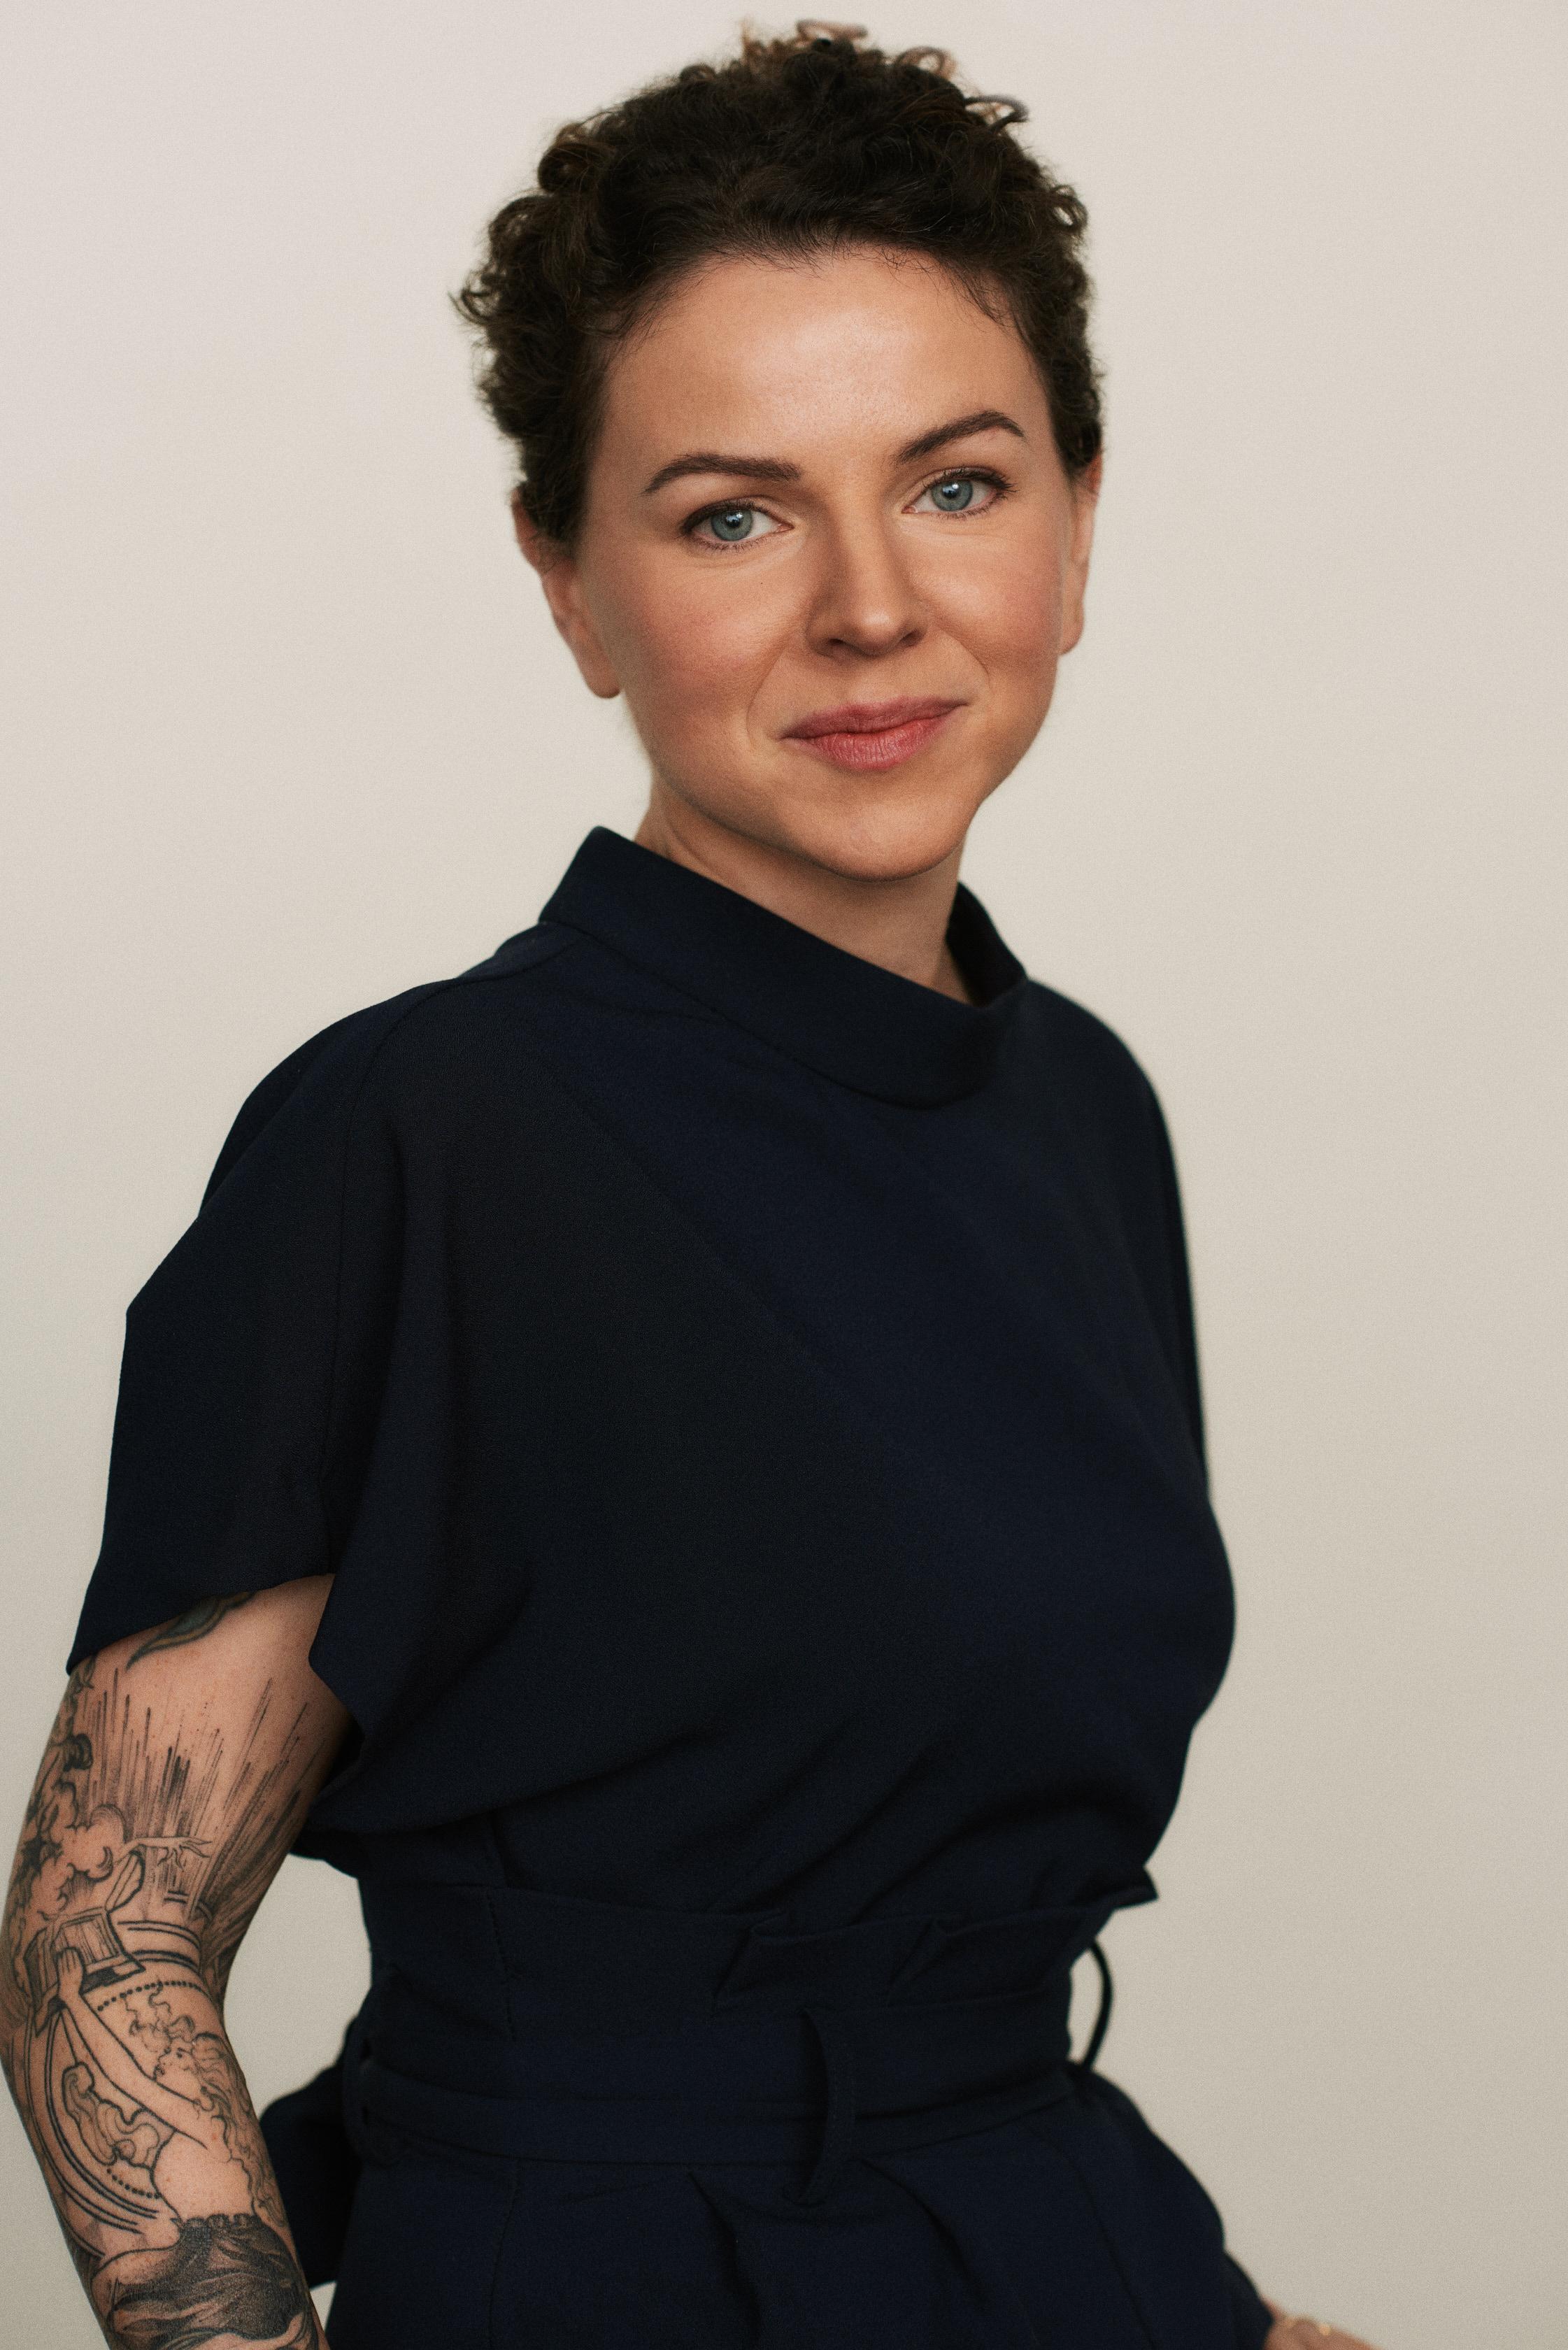 Ruby Birns